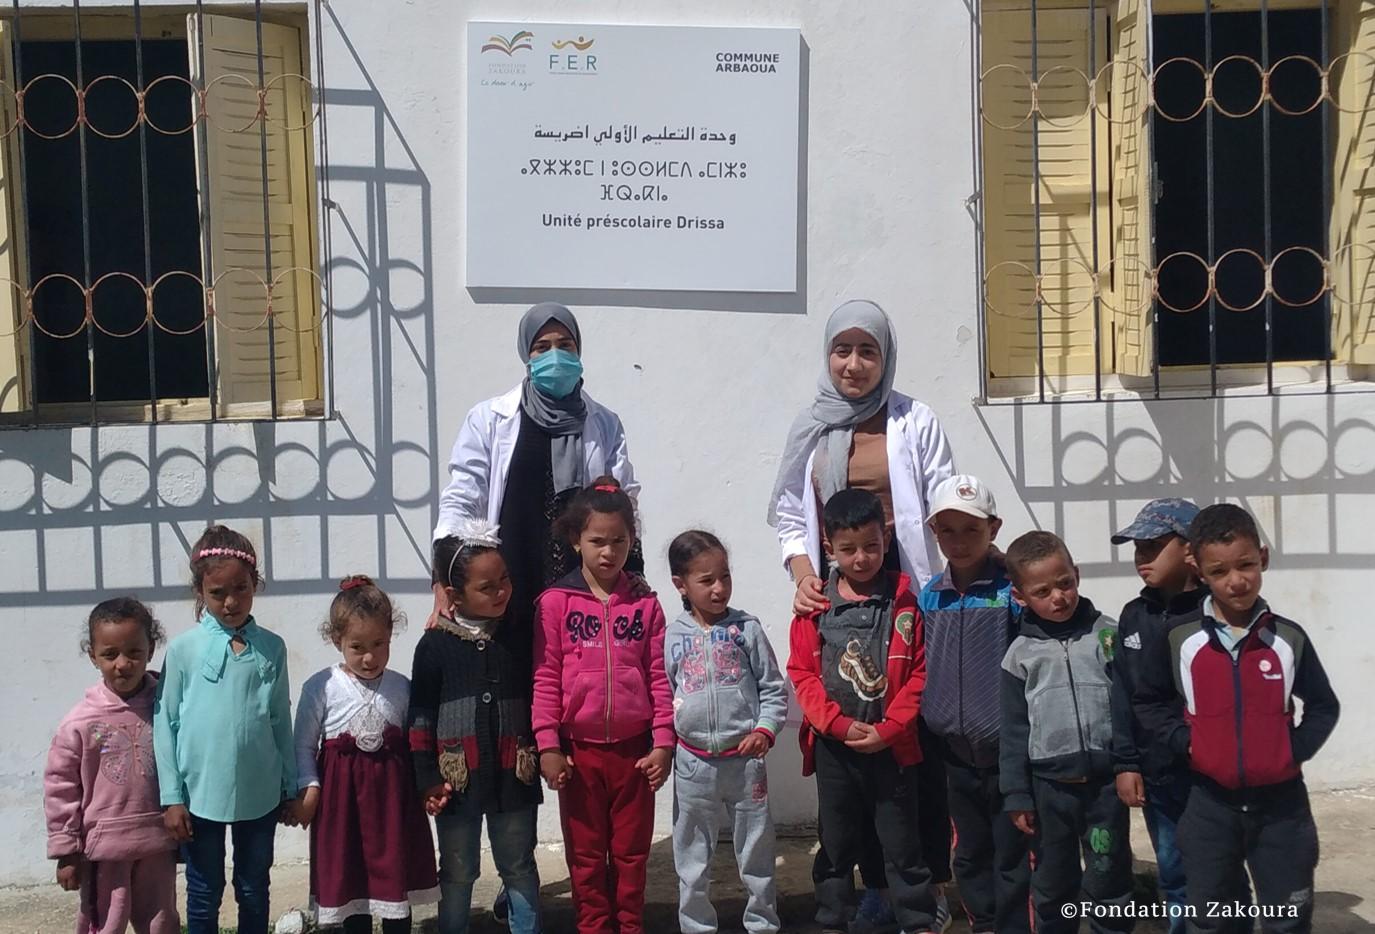 #FER - Le Fonds pour l'Education en zone Rurale fait des heureux en préscolaire